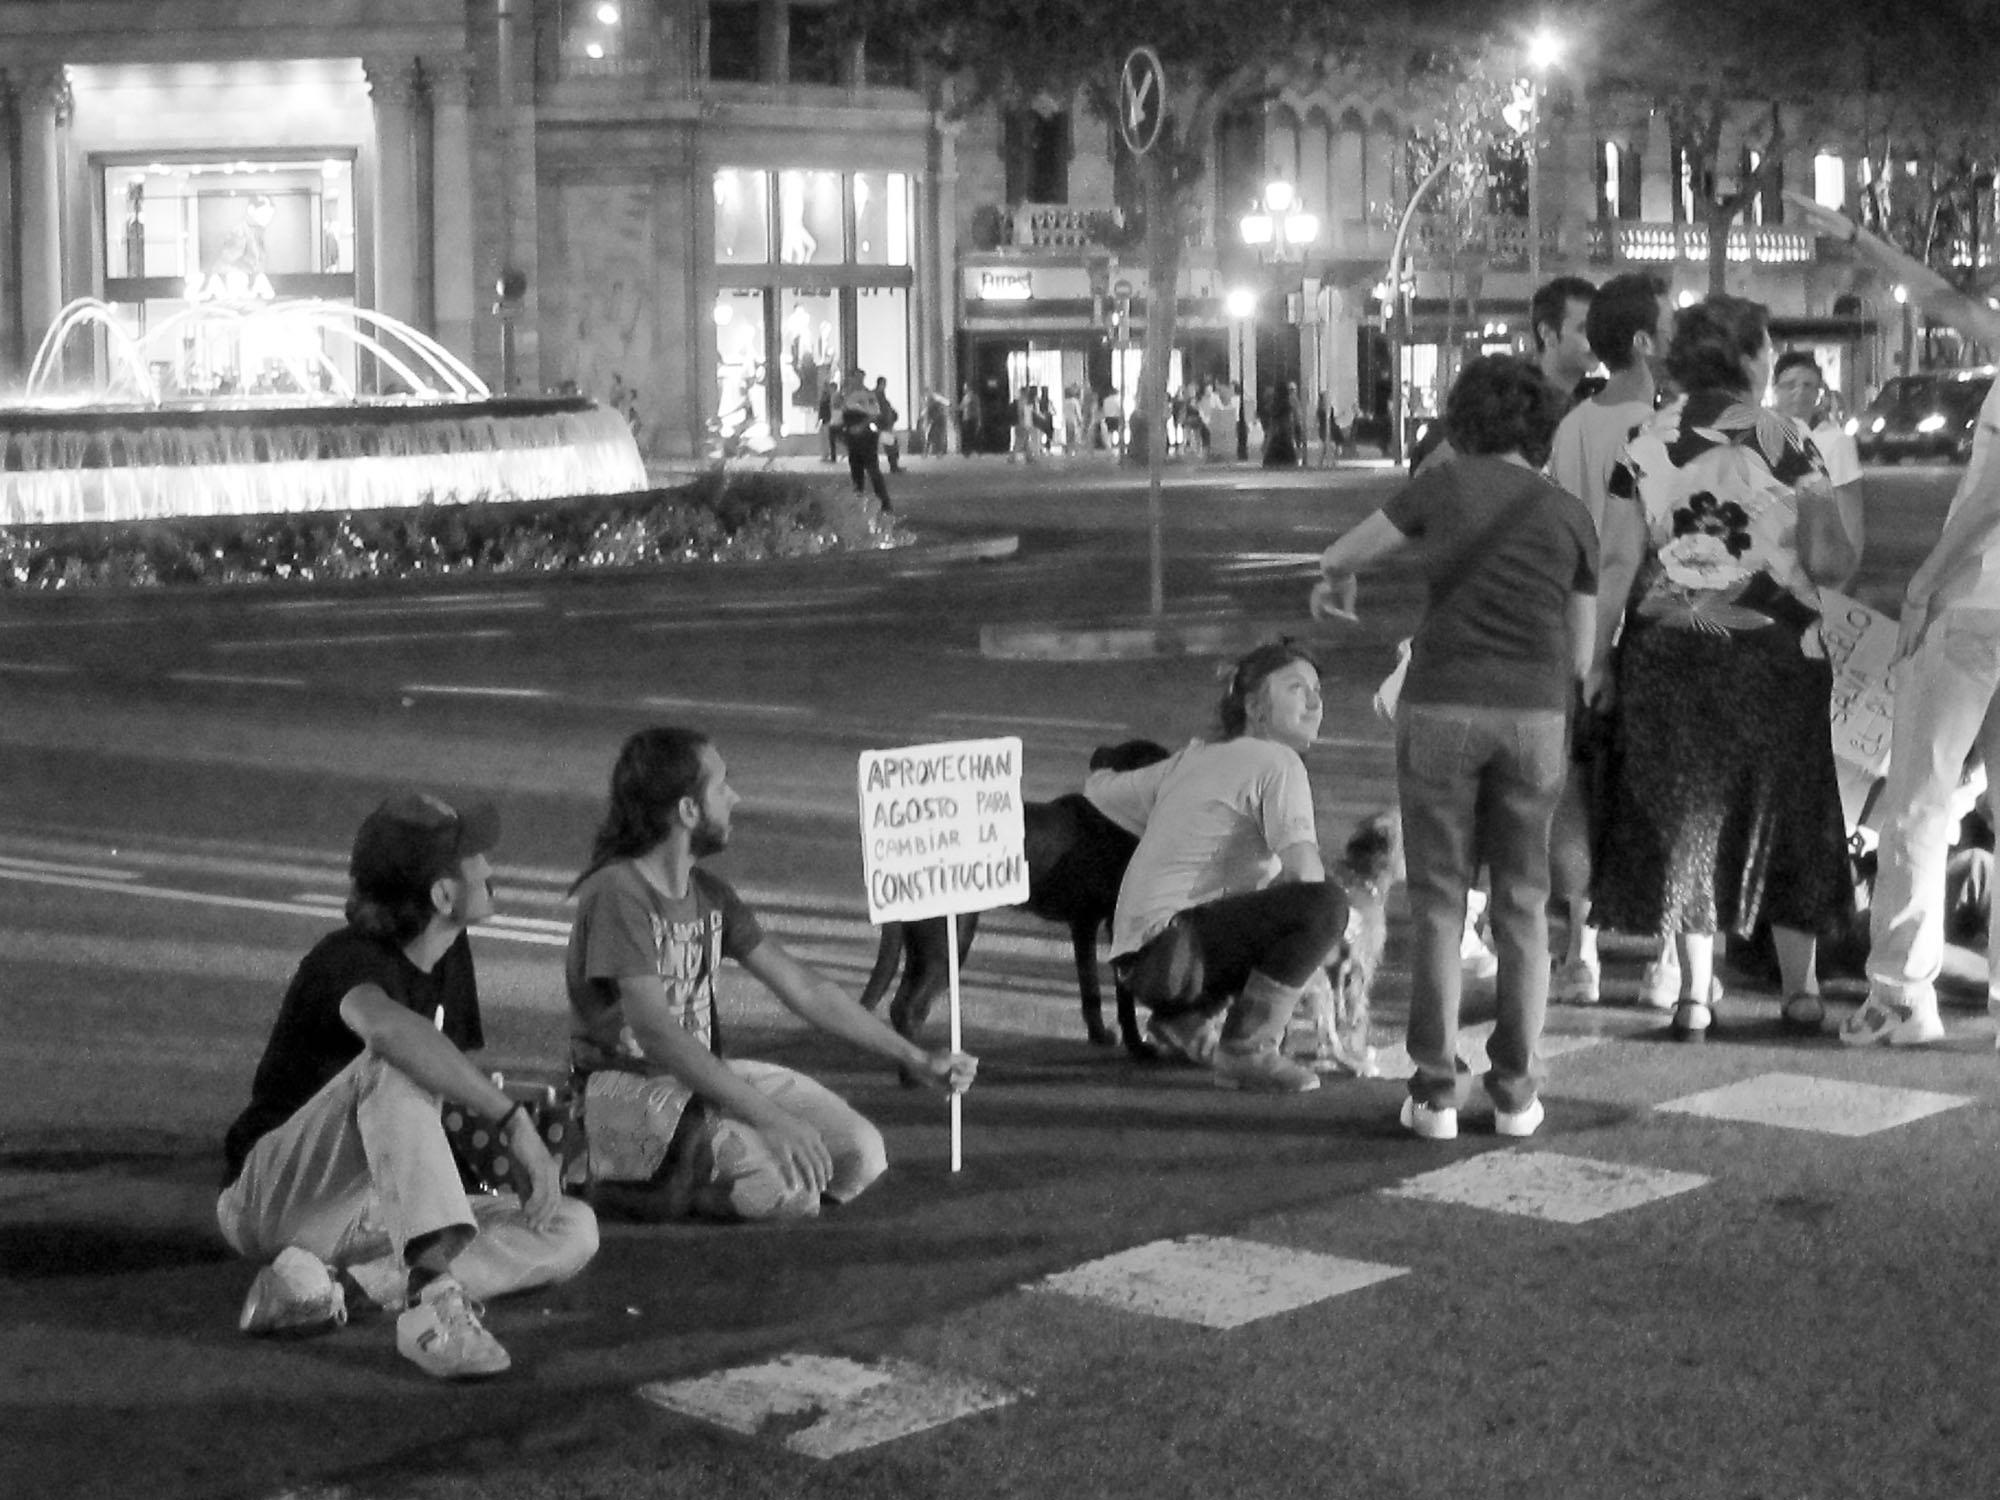 Protest in Barcelona